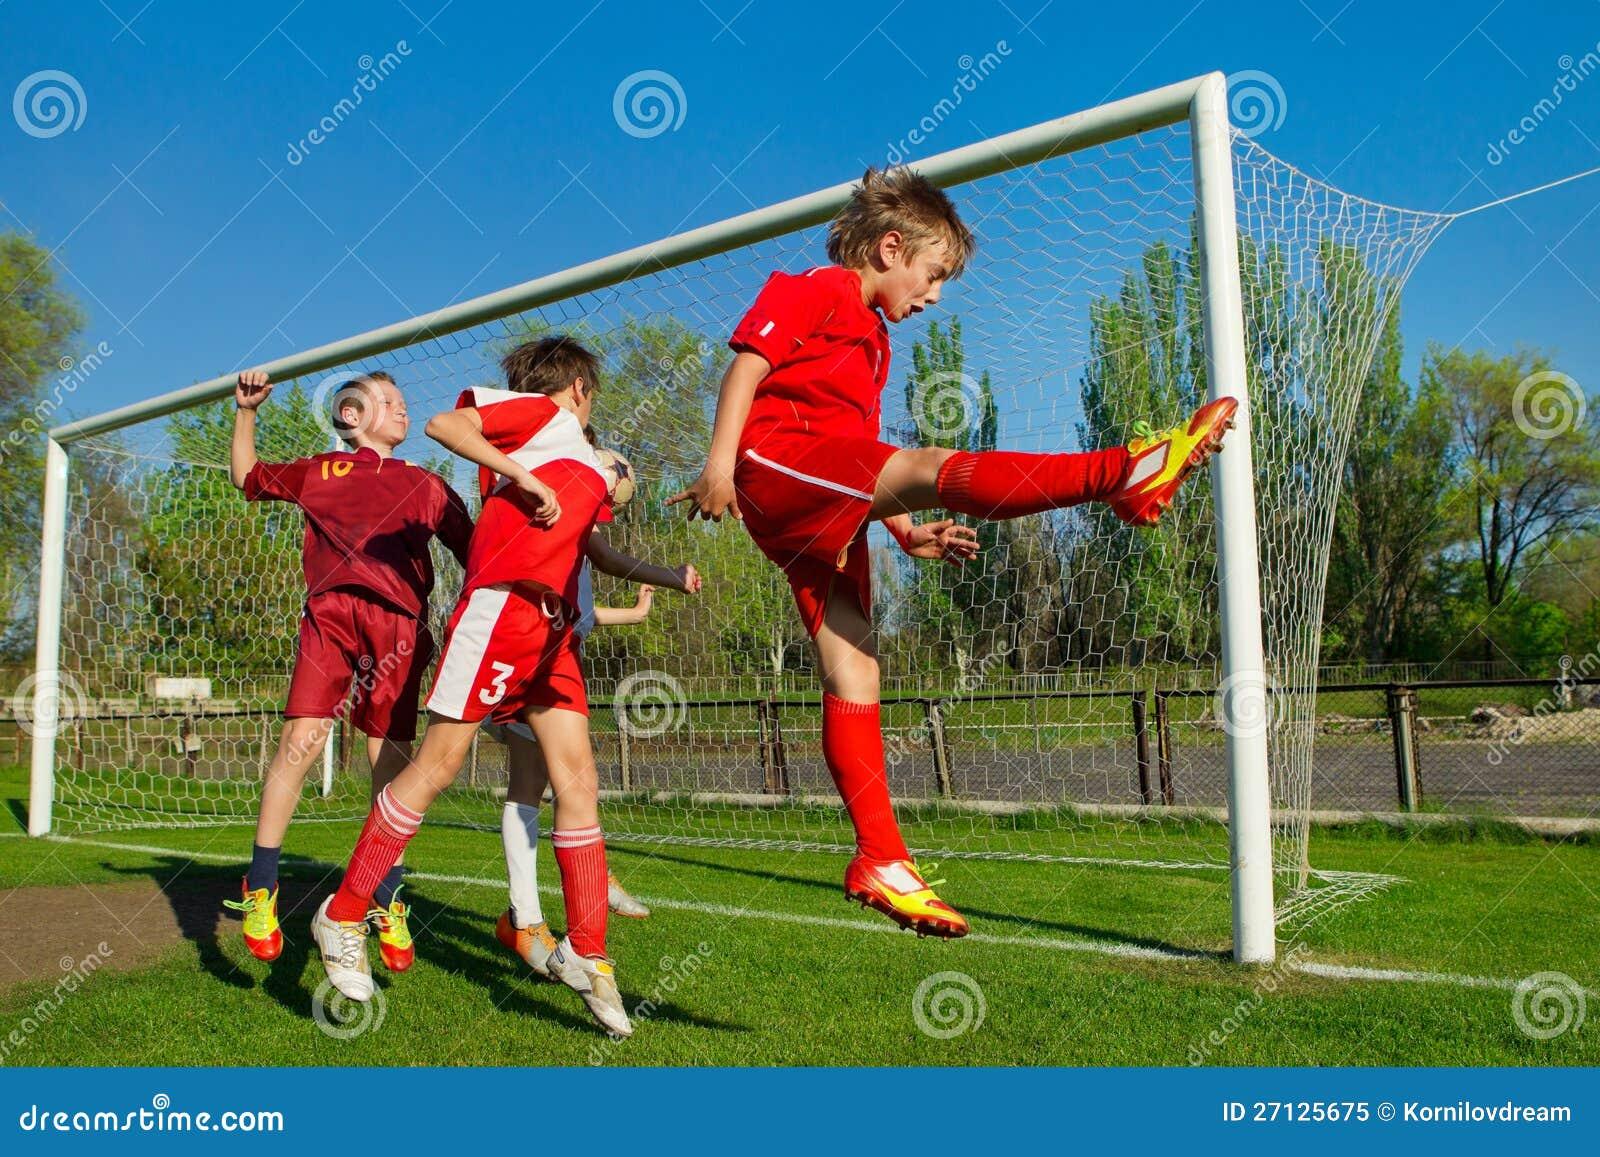 essays on football injuries